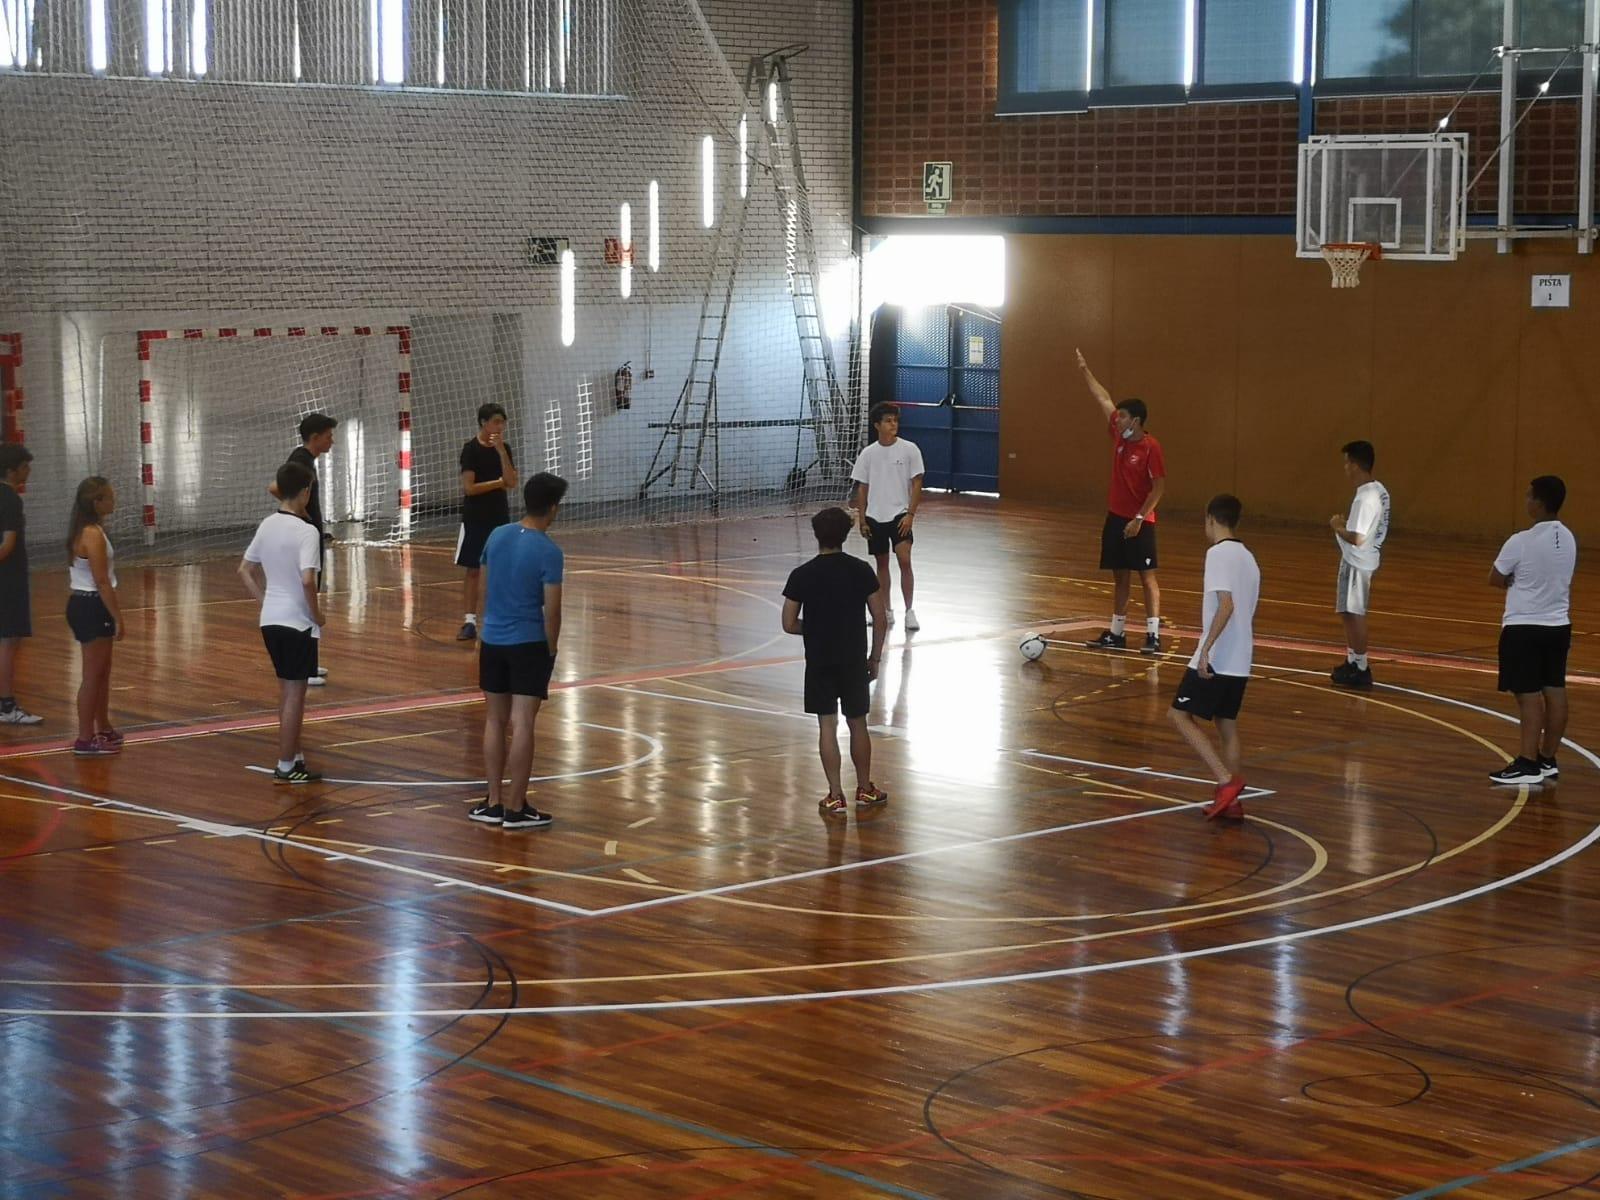 Imatge de la part pràctica del Curs d'Àrbitres i Àrbitres Assistents de futbol sala